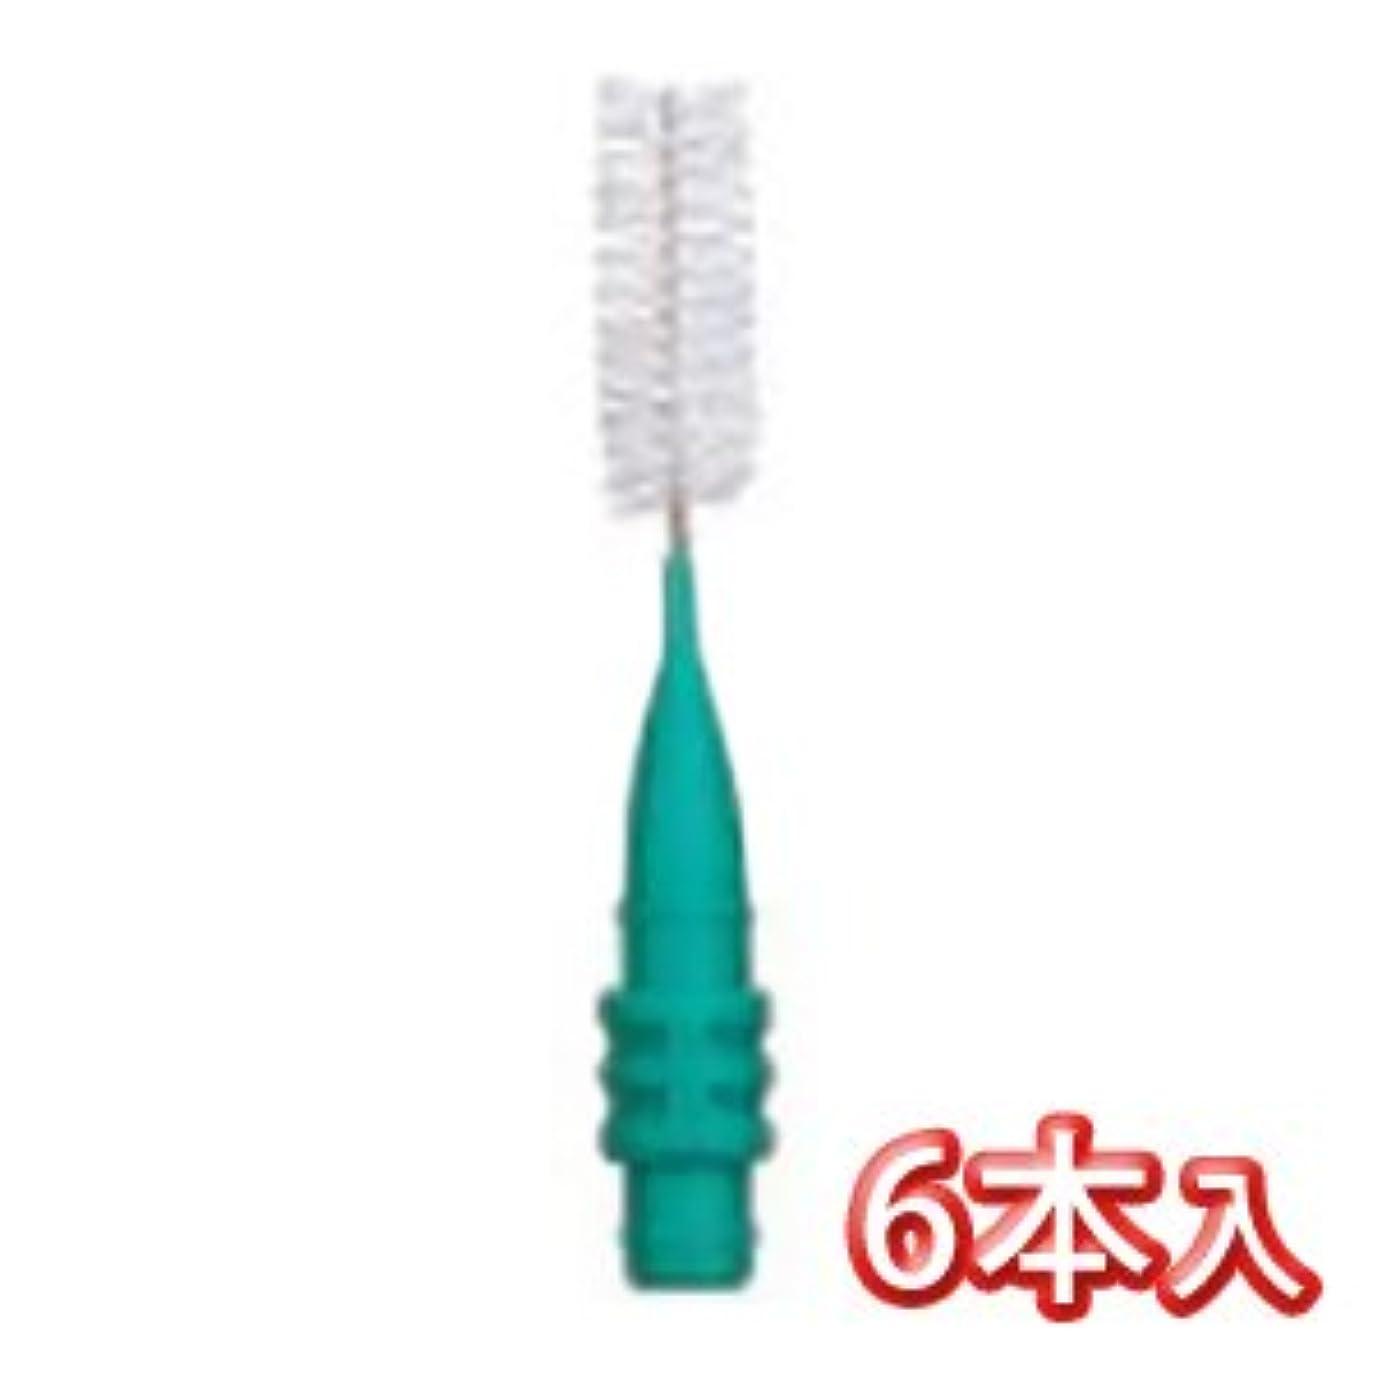 生きる繁栄傷つきやすいプロスペック 歯間ブラシ2 スペアーブラシ のみ 6本入 LL グリーン